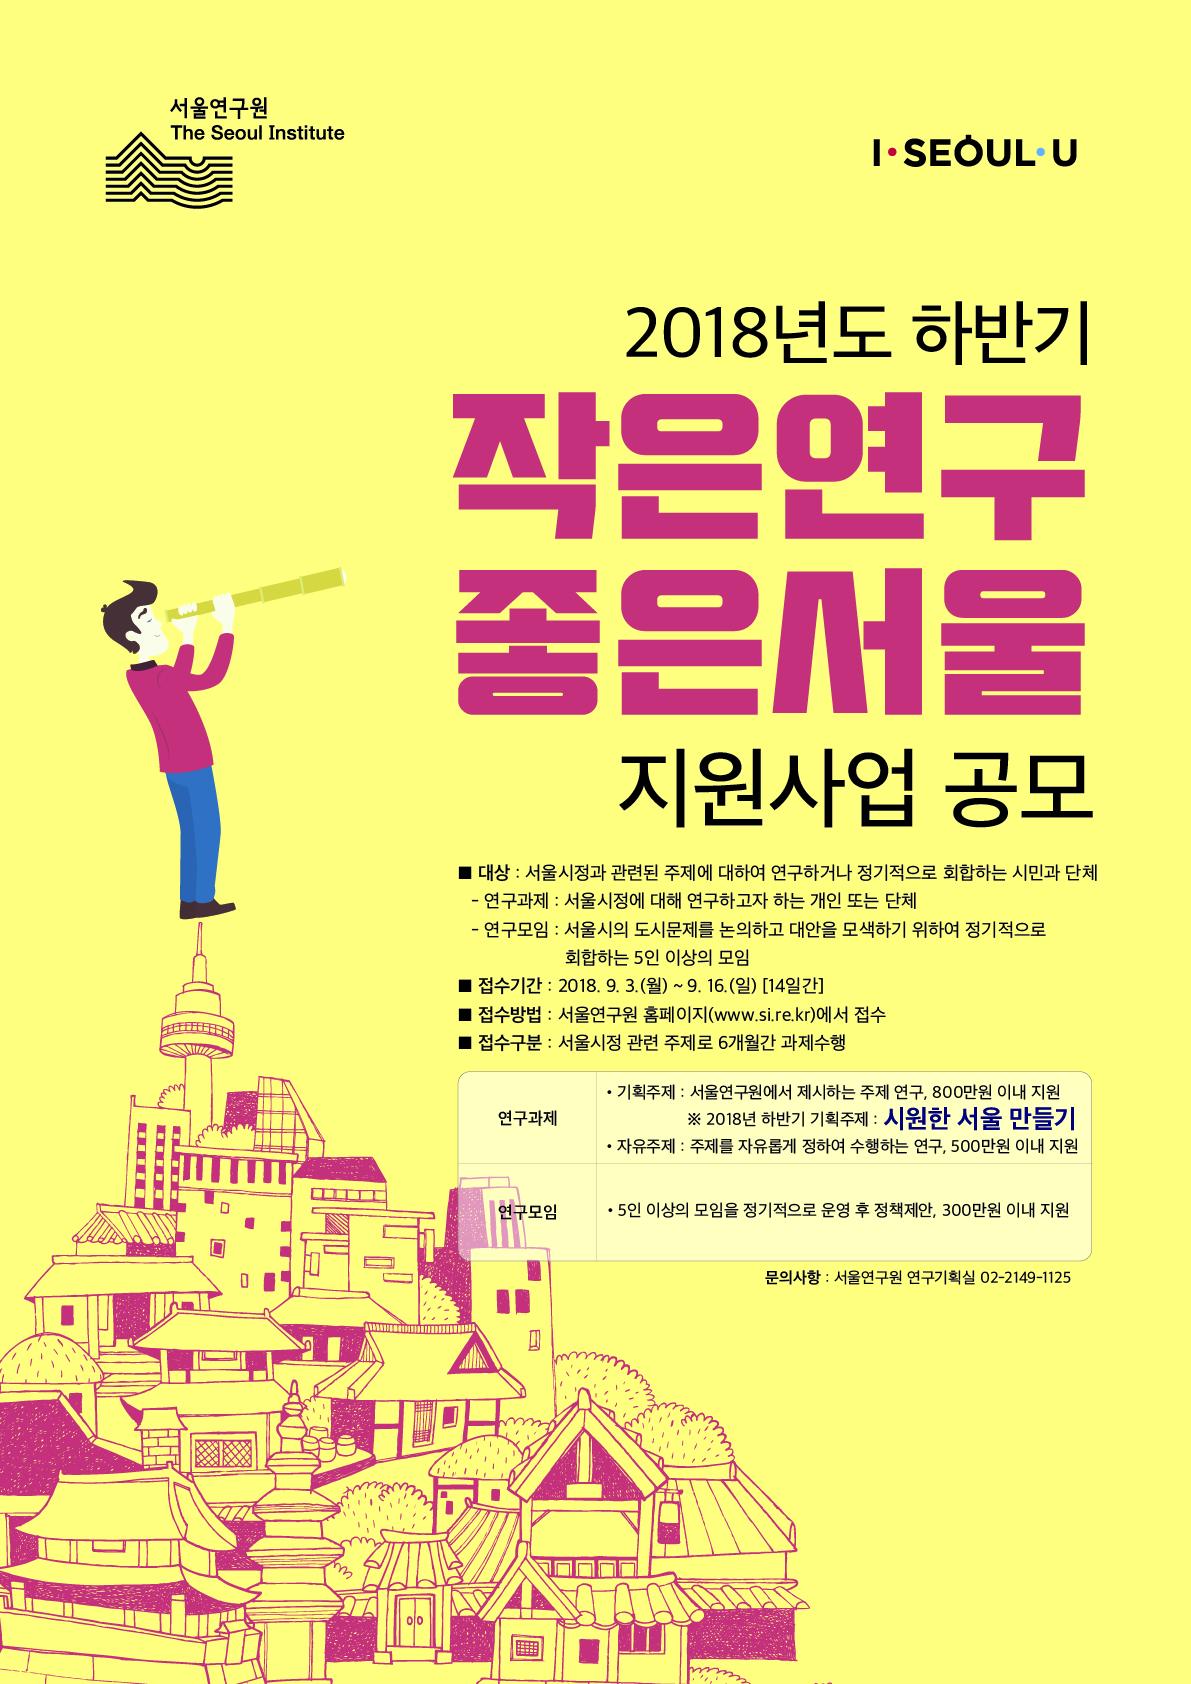 [유관기관홍보] 2018 하반기 '작은연구 좋은서울' 지원사업 공모